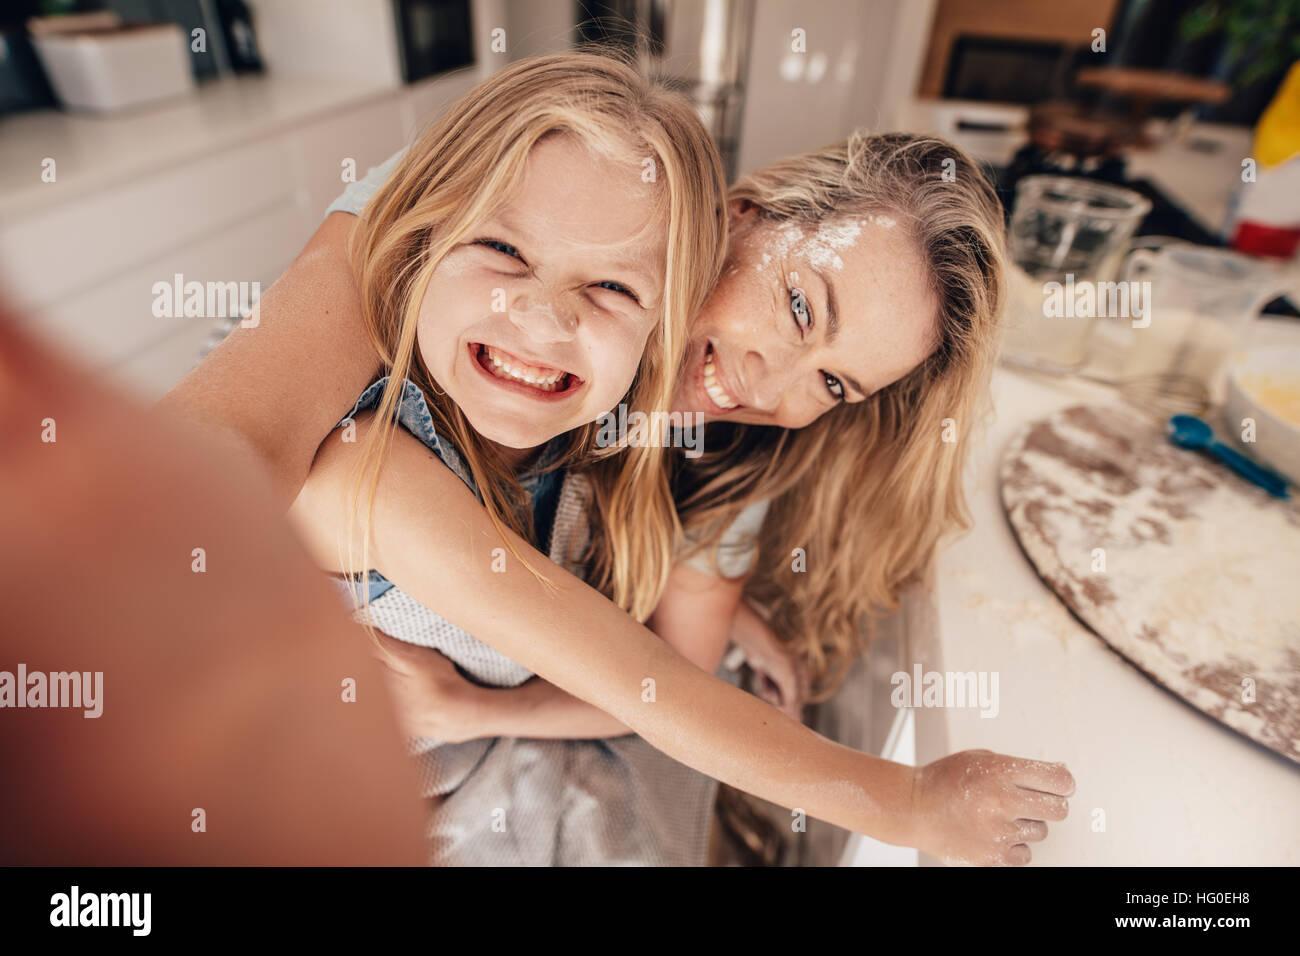 Sorridente bambina e donna in cucina tenendo selfie. Felice giovane madre e figlia di cottura degli alimenti. Immagini Stock